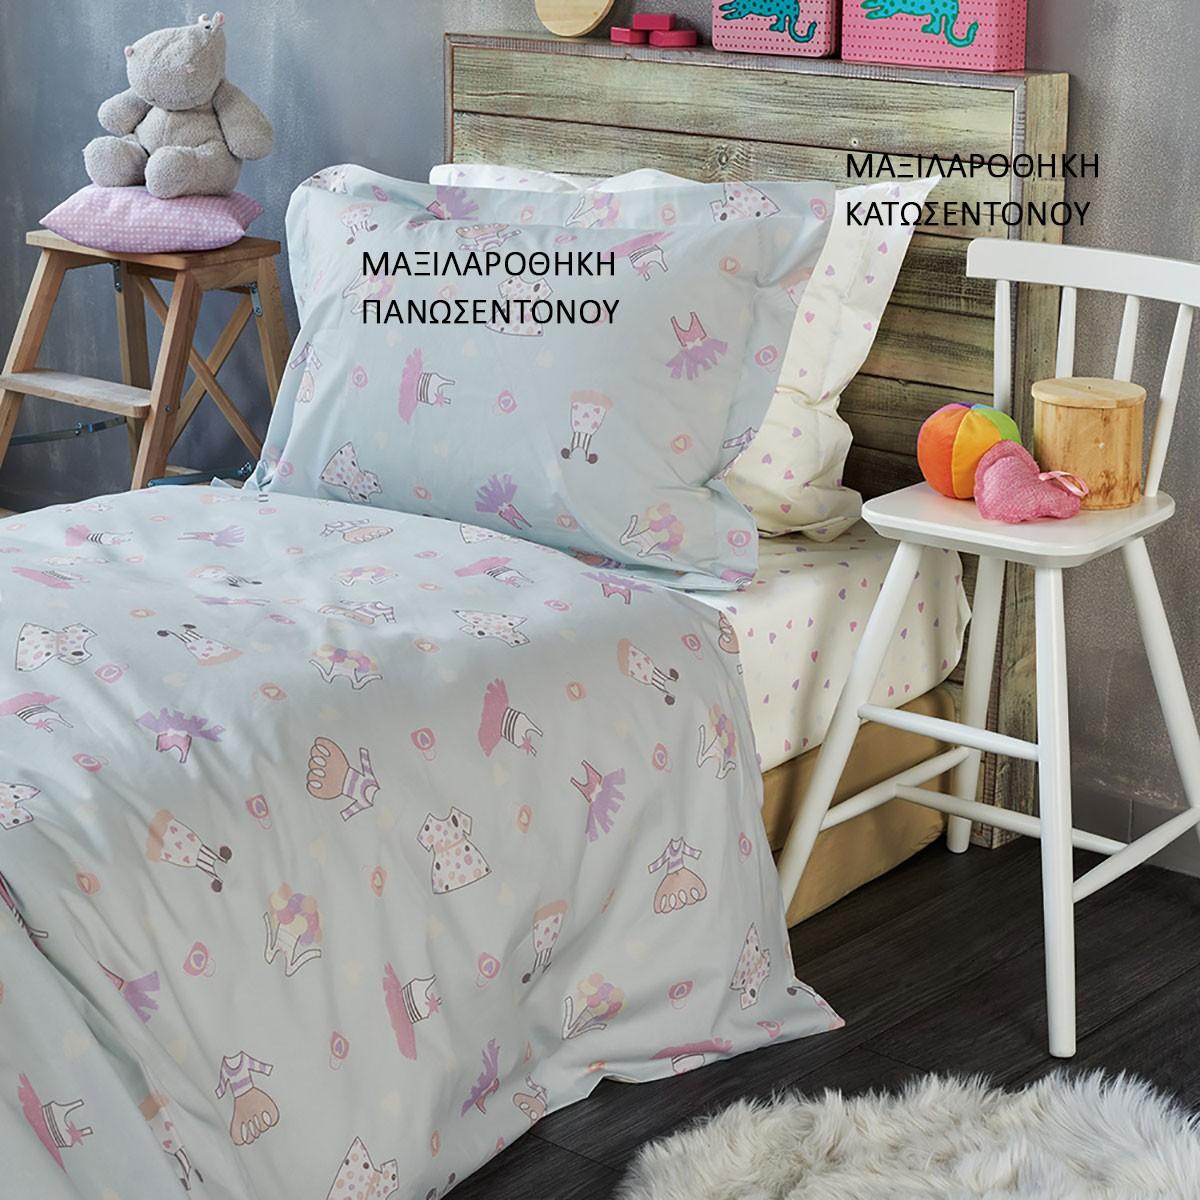 Μαξιλαροθήκη Kentia Kids Collection Dress Μαξιλαροθήκη Πανωσέντονου Μαξιλαροθήκη Πανωσέντονου